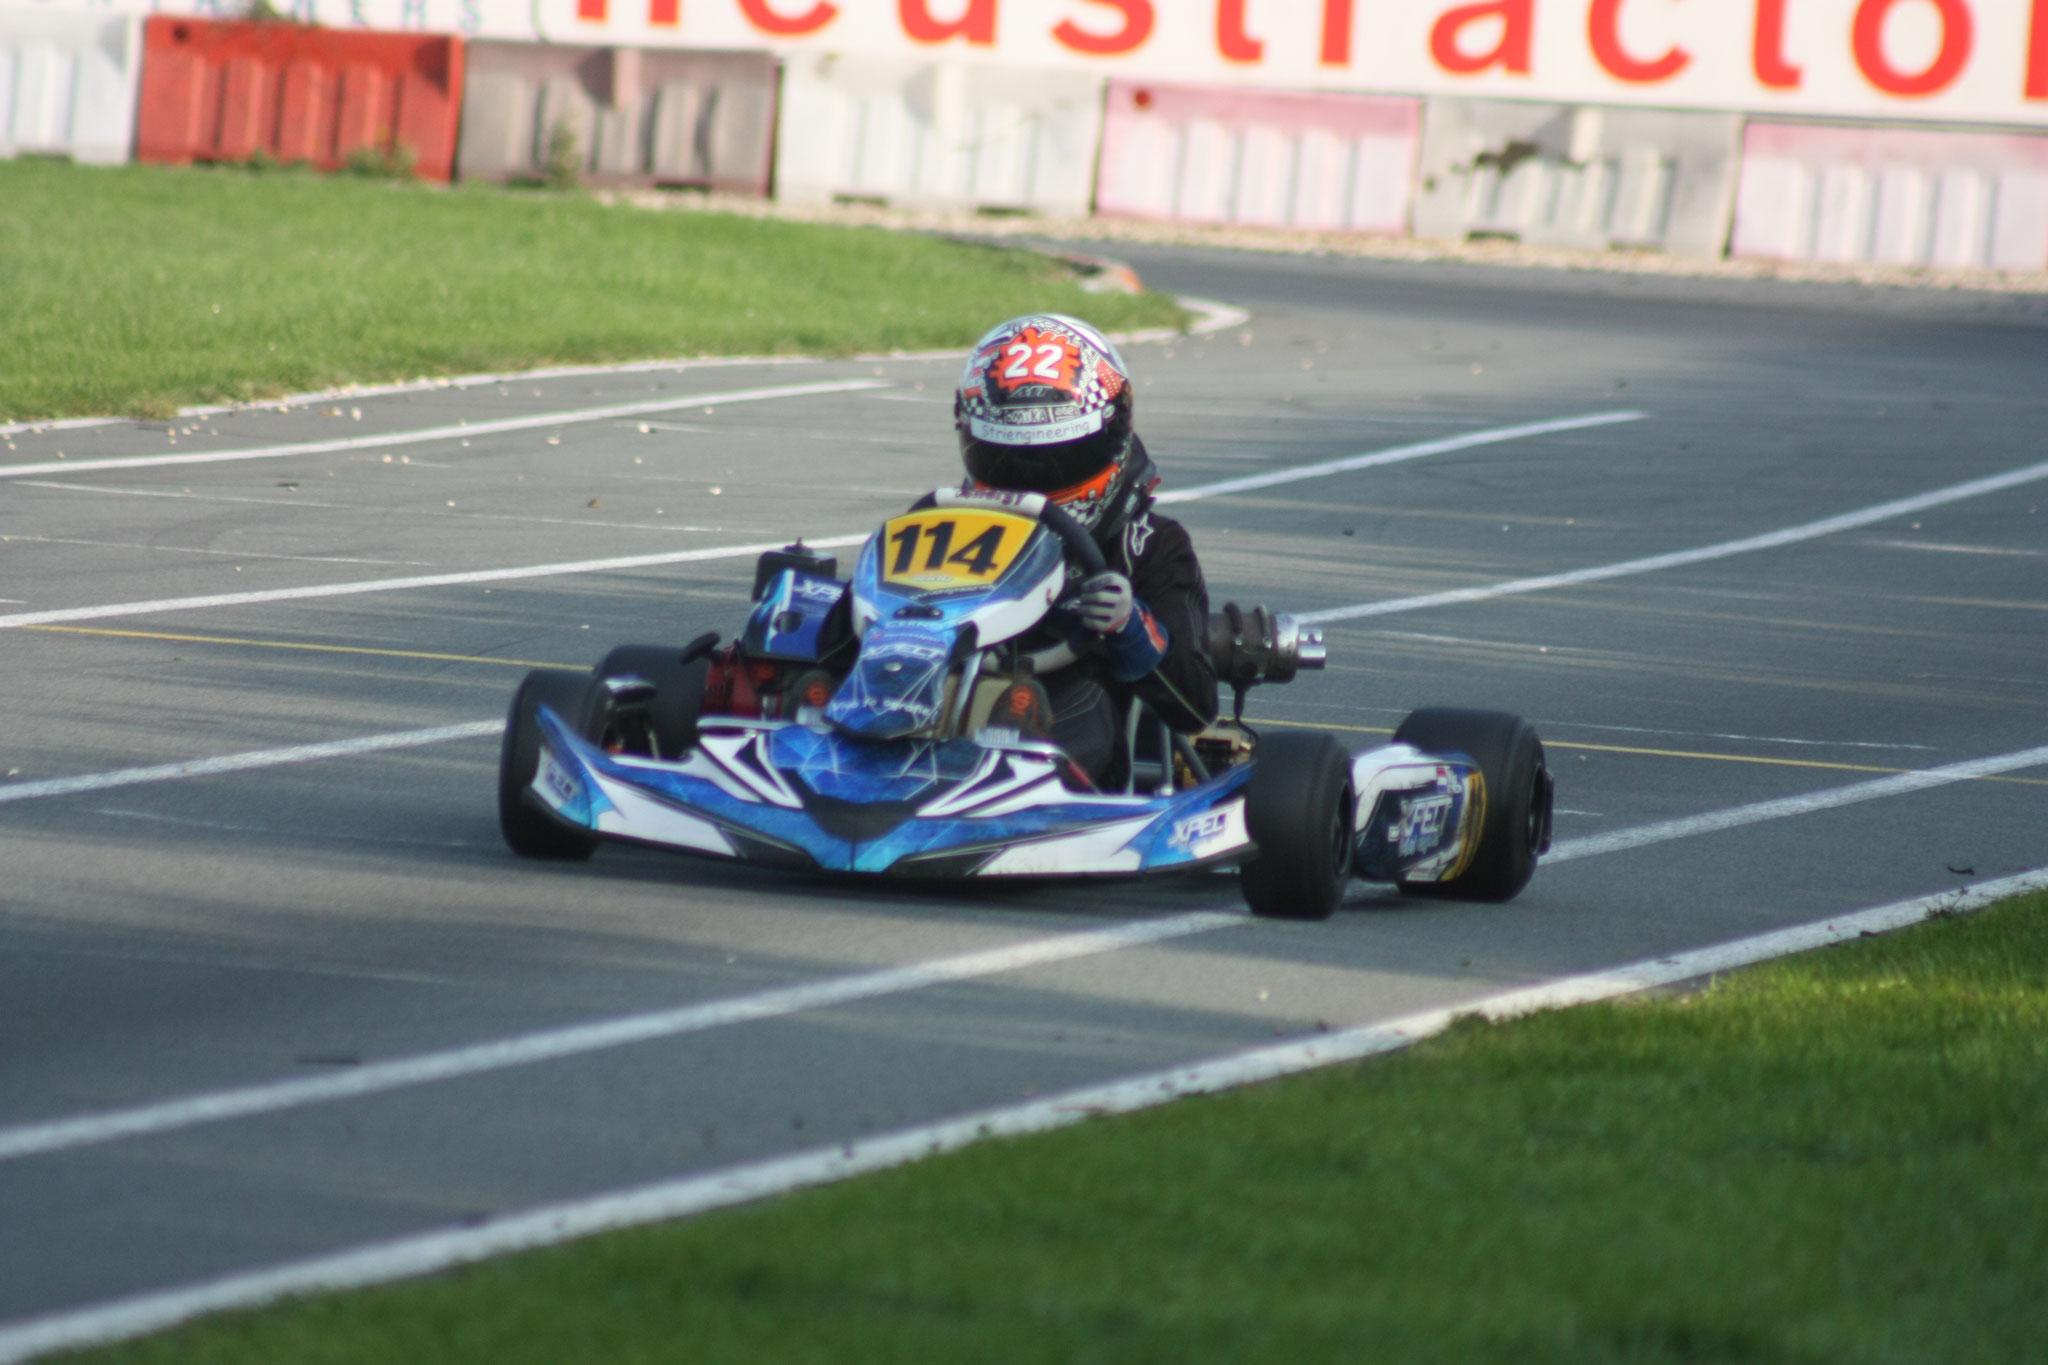 Kwalificatieronde race 1